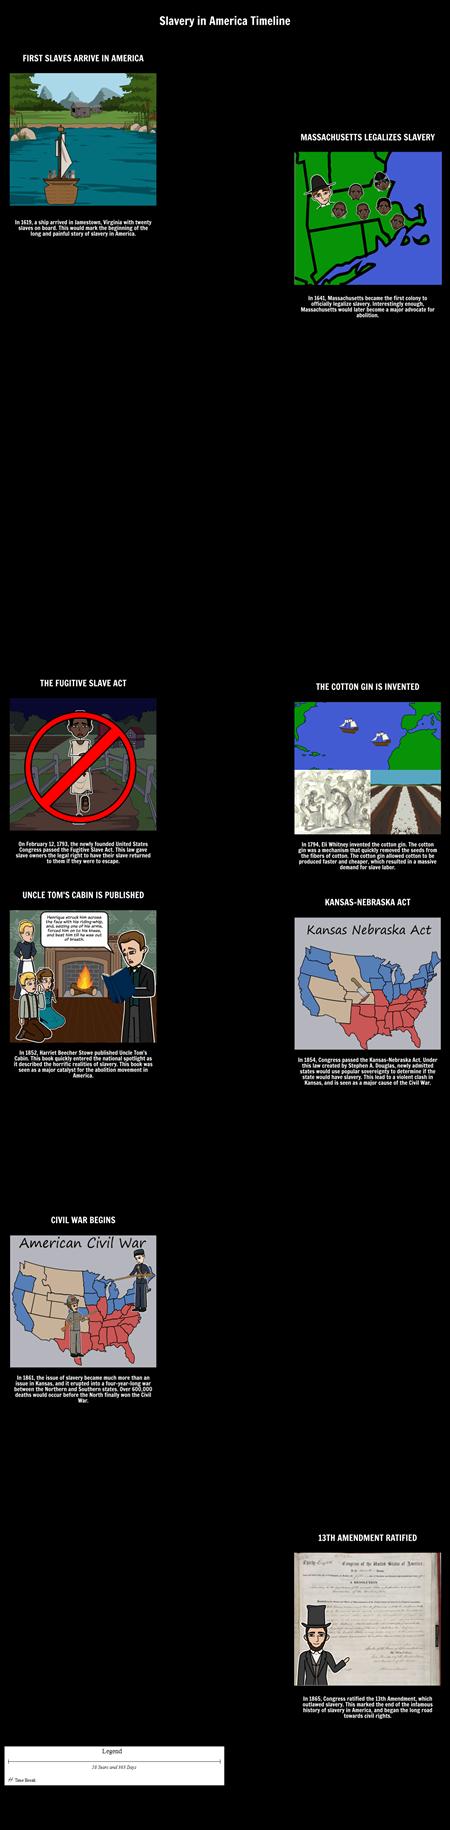 Slavery in America Timeline